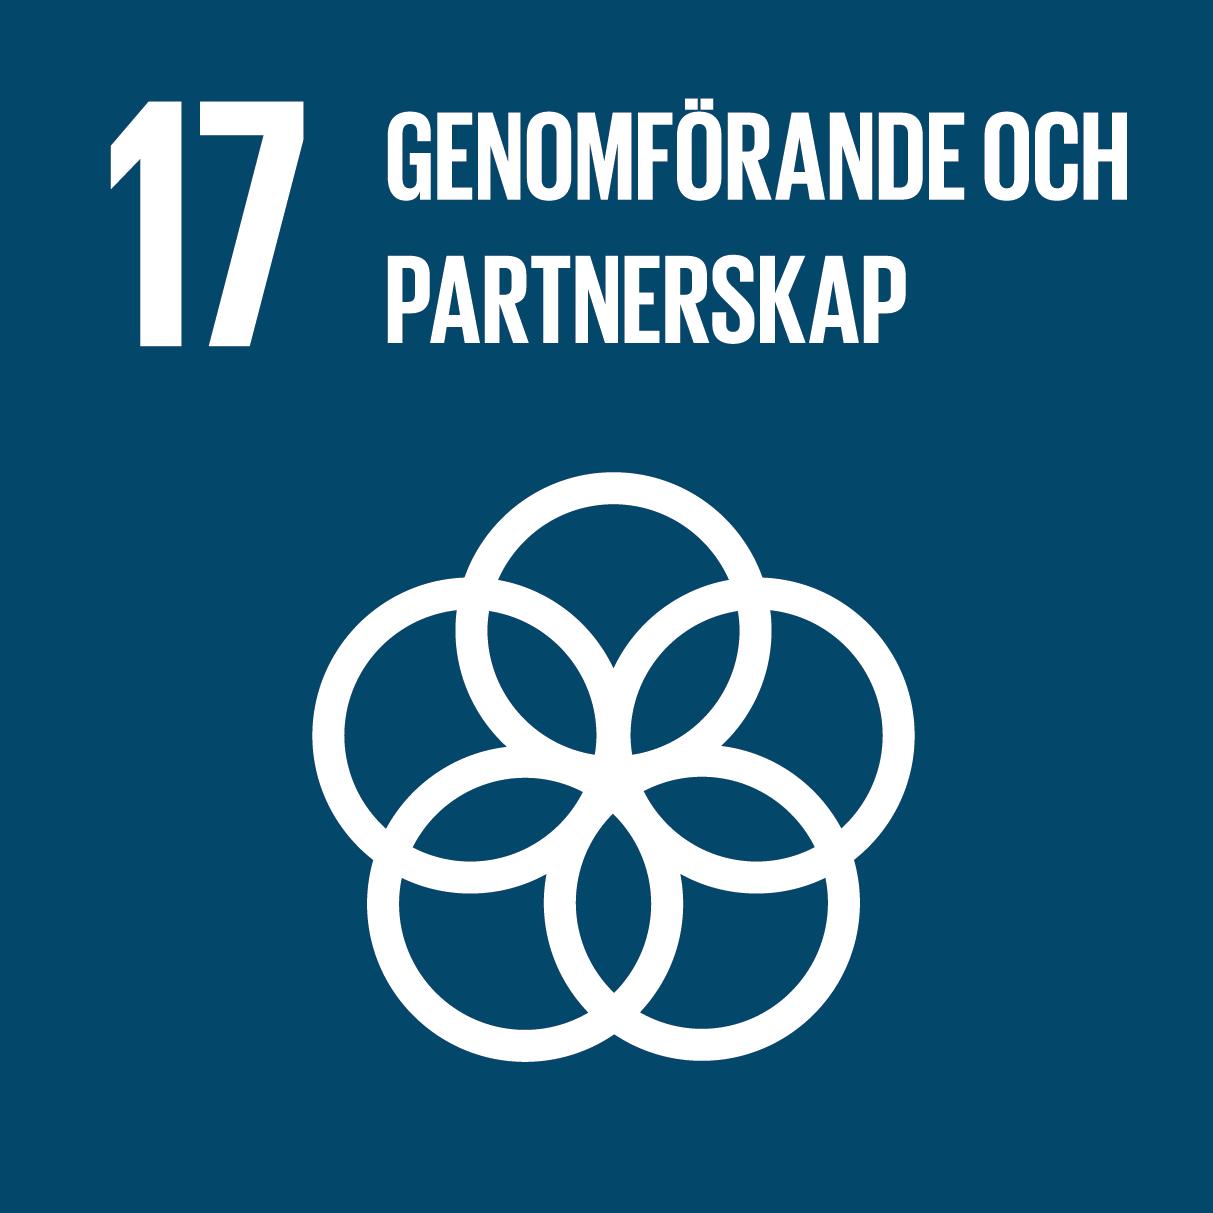 Ikon för globala målen nummer 17, Genomförande och partnerskap